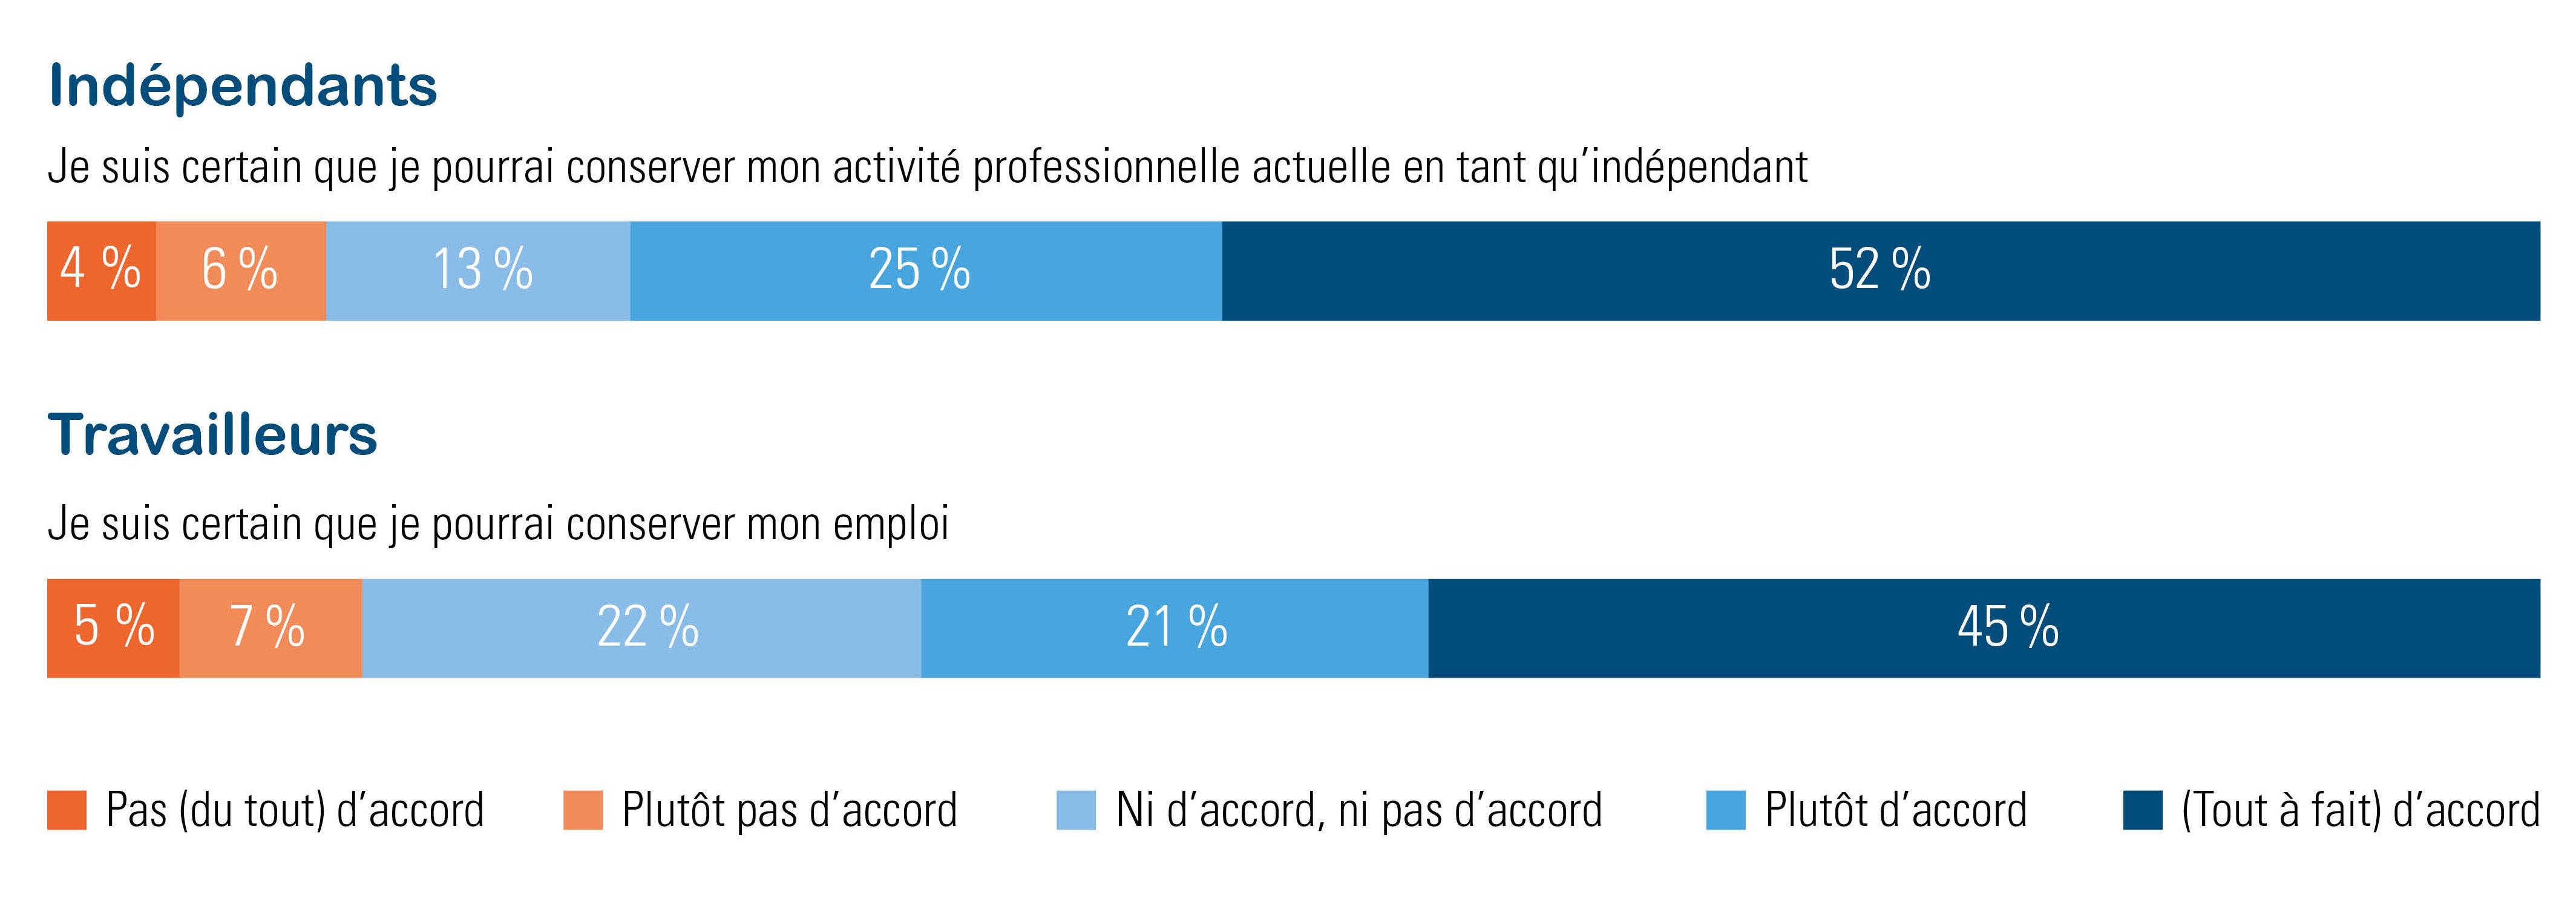 (In)sécurité de l'emploi chez les indépendants et les travailleurs